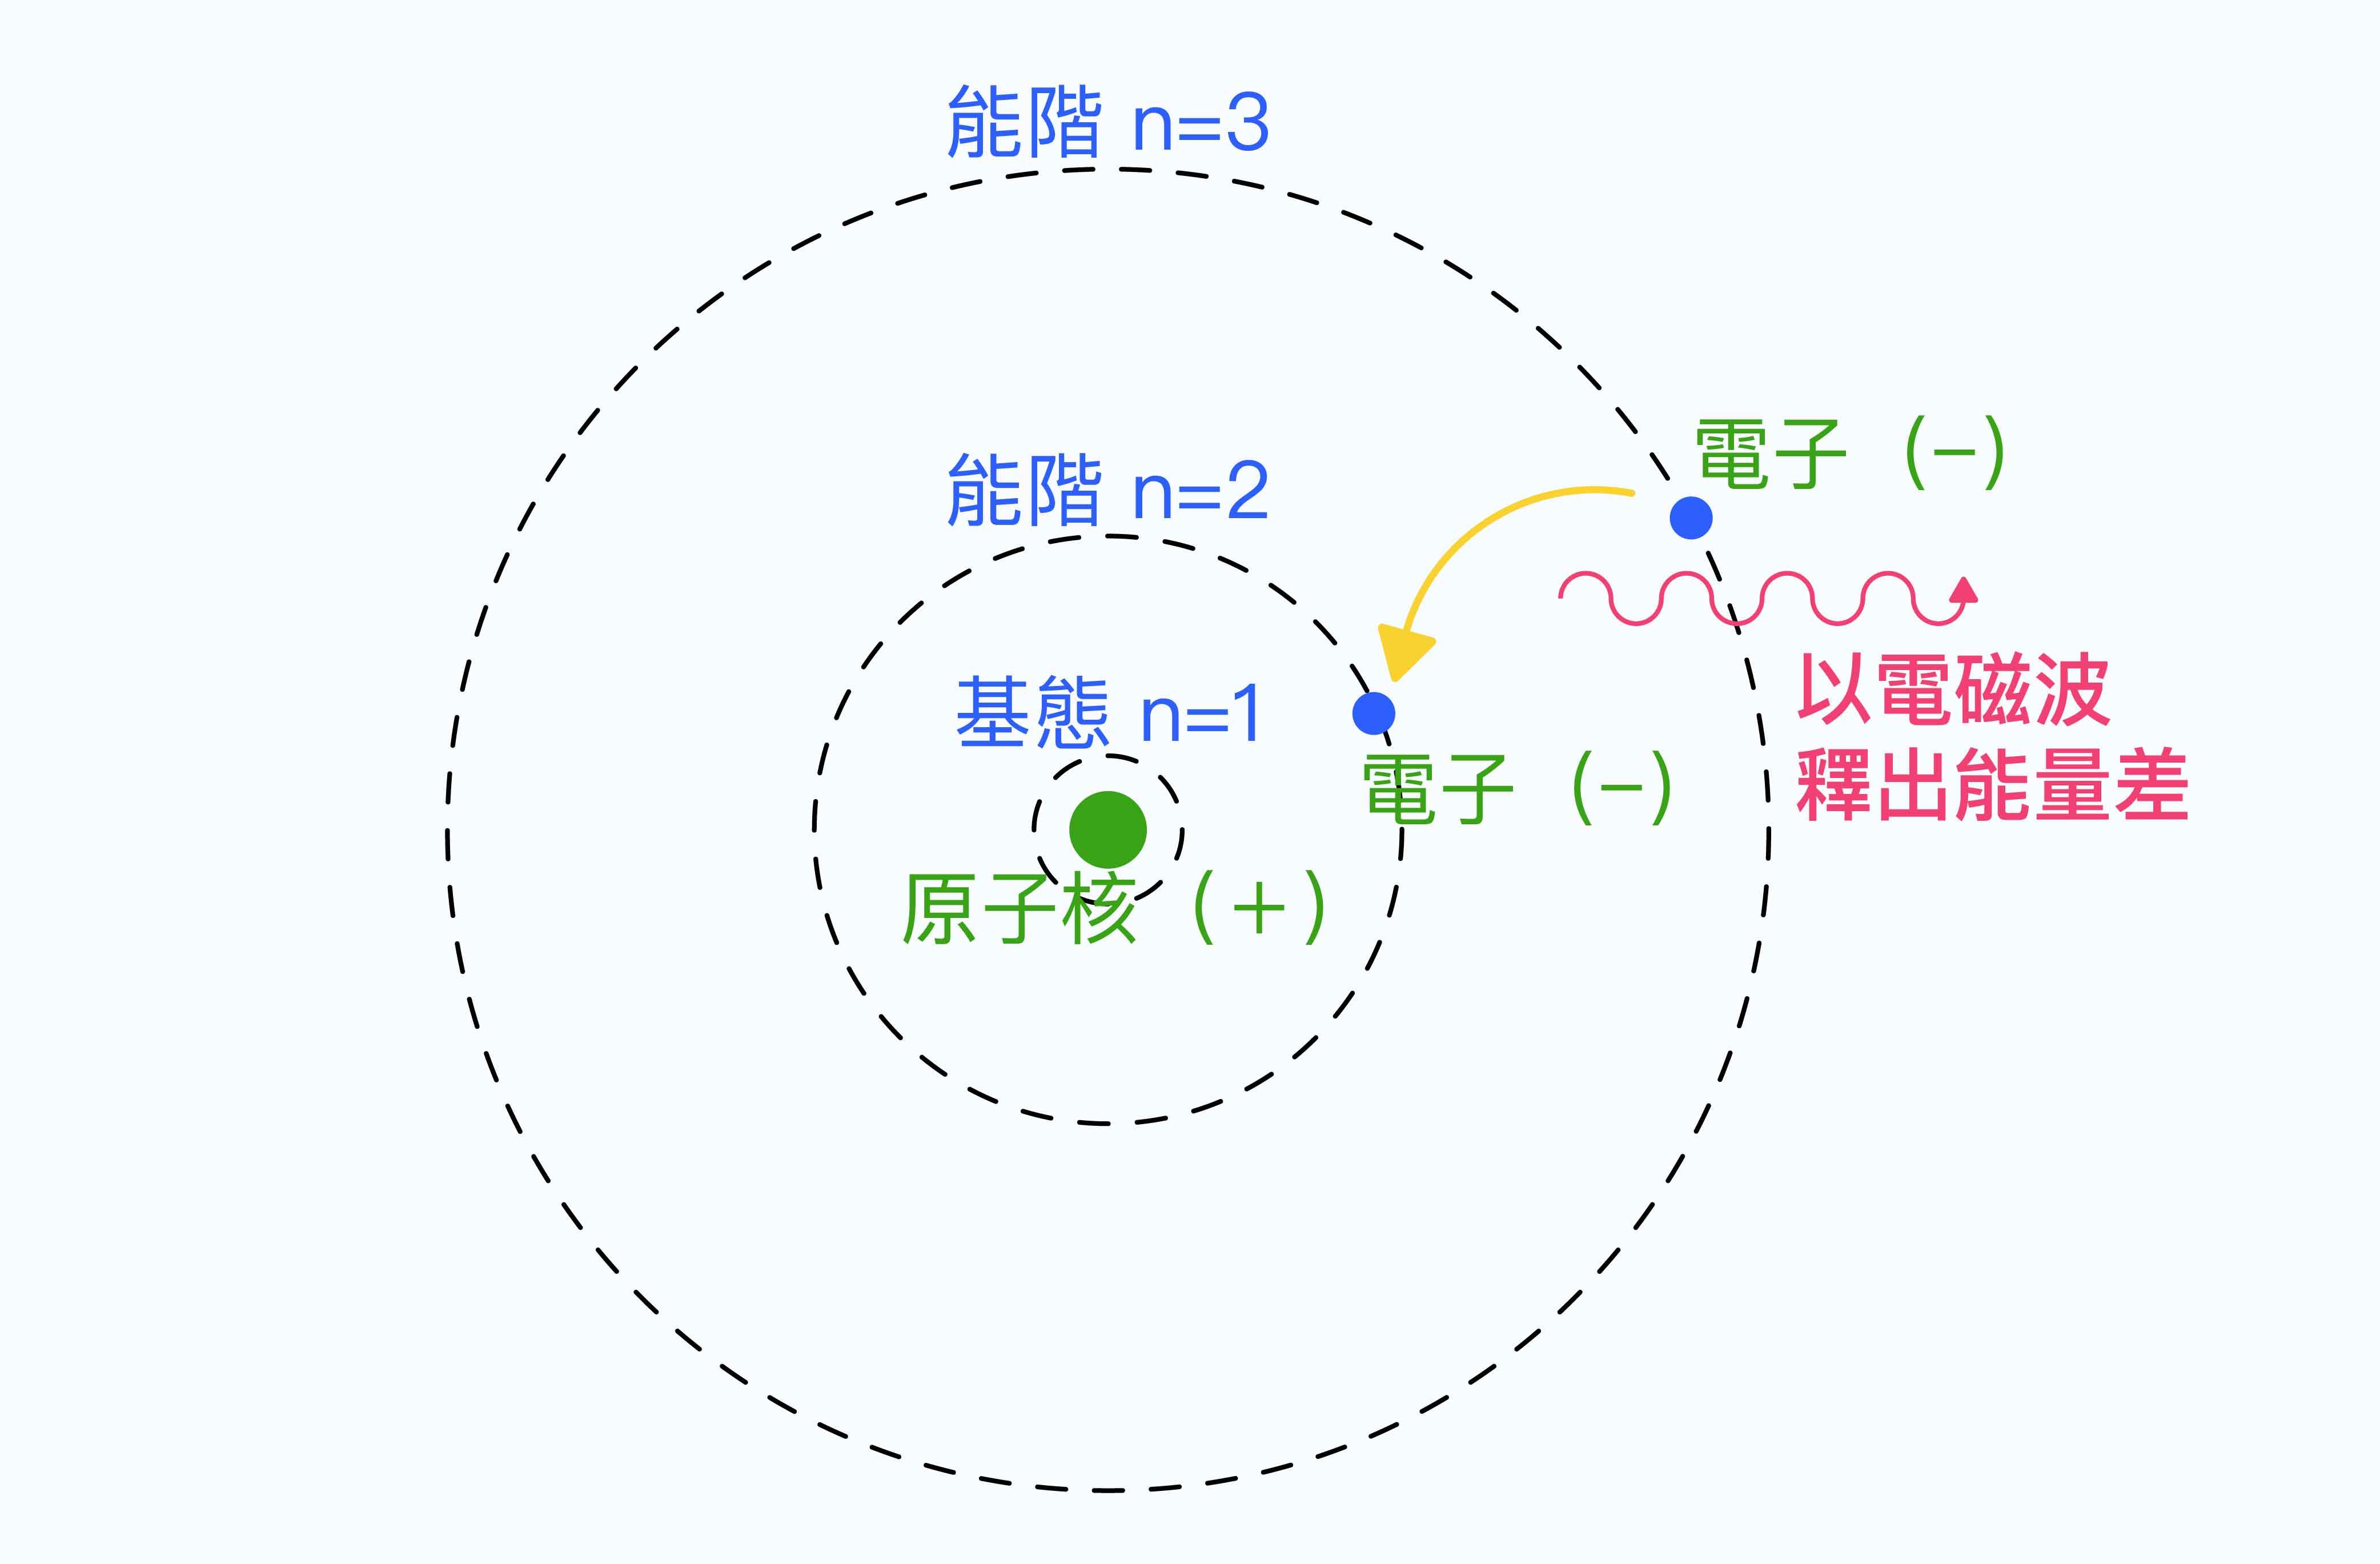 按照氫原子或類氫原子的波耳模型,當環繞的電子從「能階較高」的軌道,躍遷到「能階較低」的軌道時,會以電磁波的形式釋出能量差。 資料來源│WillowW 圖說重製│林婷嫻、張語辰